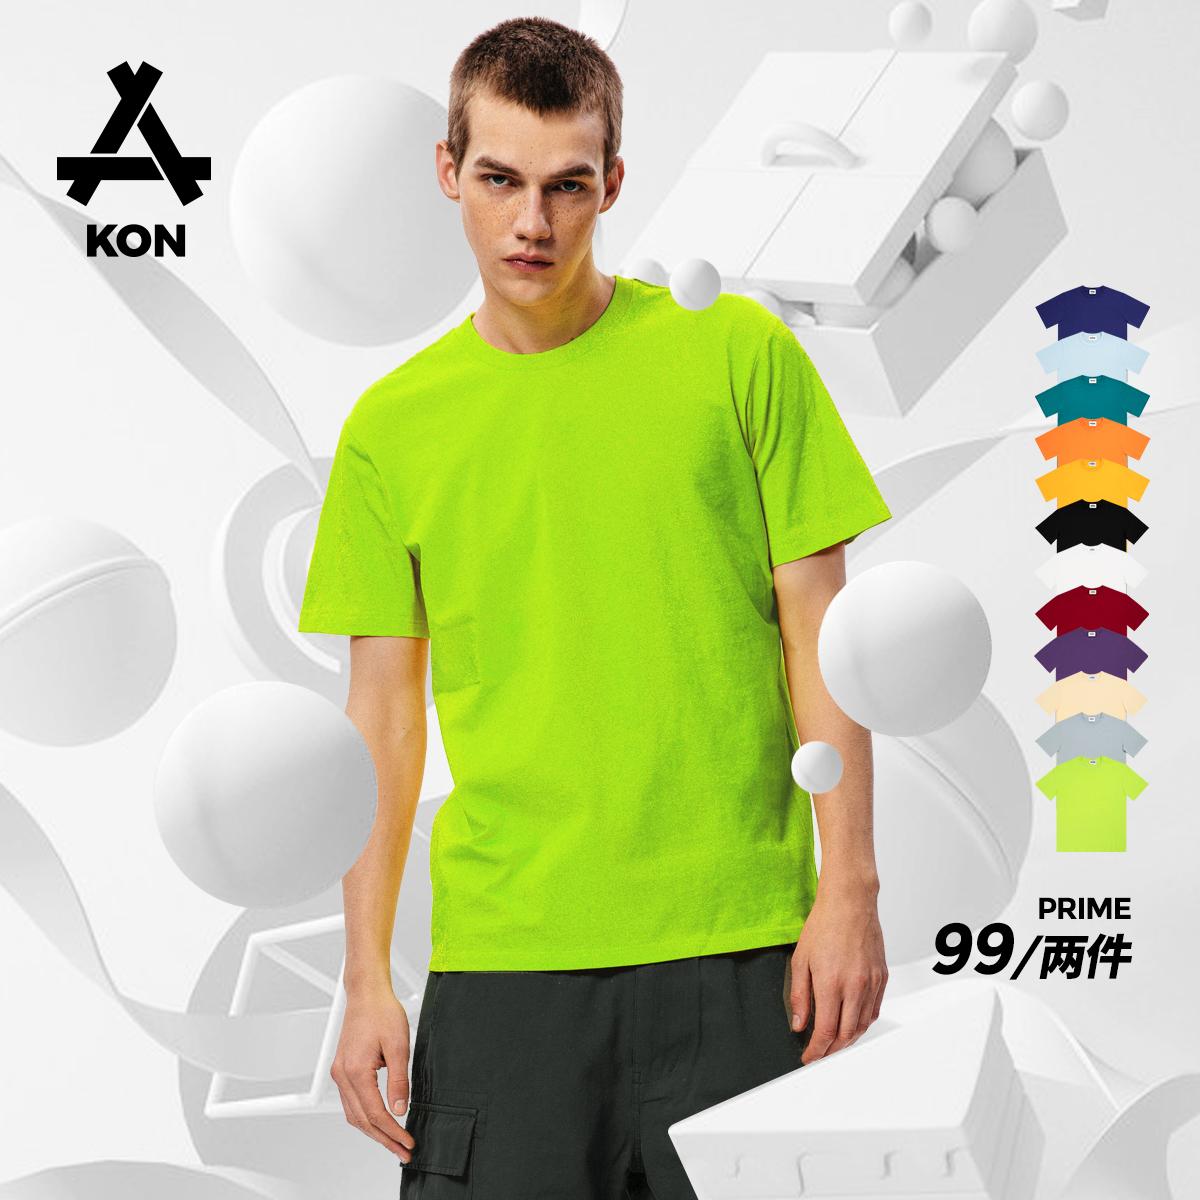 KON-PRIME男士短袖T恤纯棉姜黄色休闲圆领情侣打底衫2019新款潮流